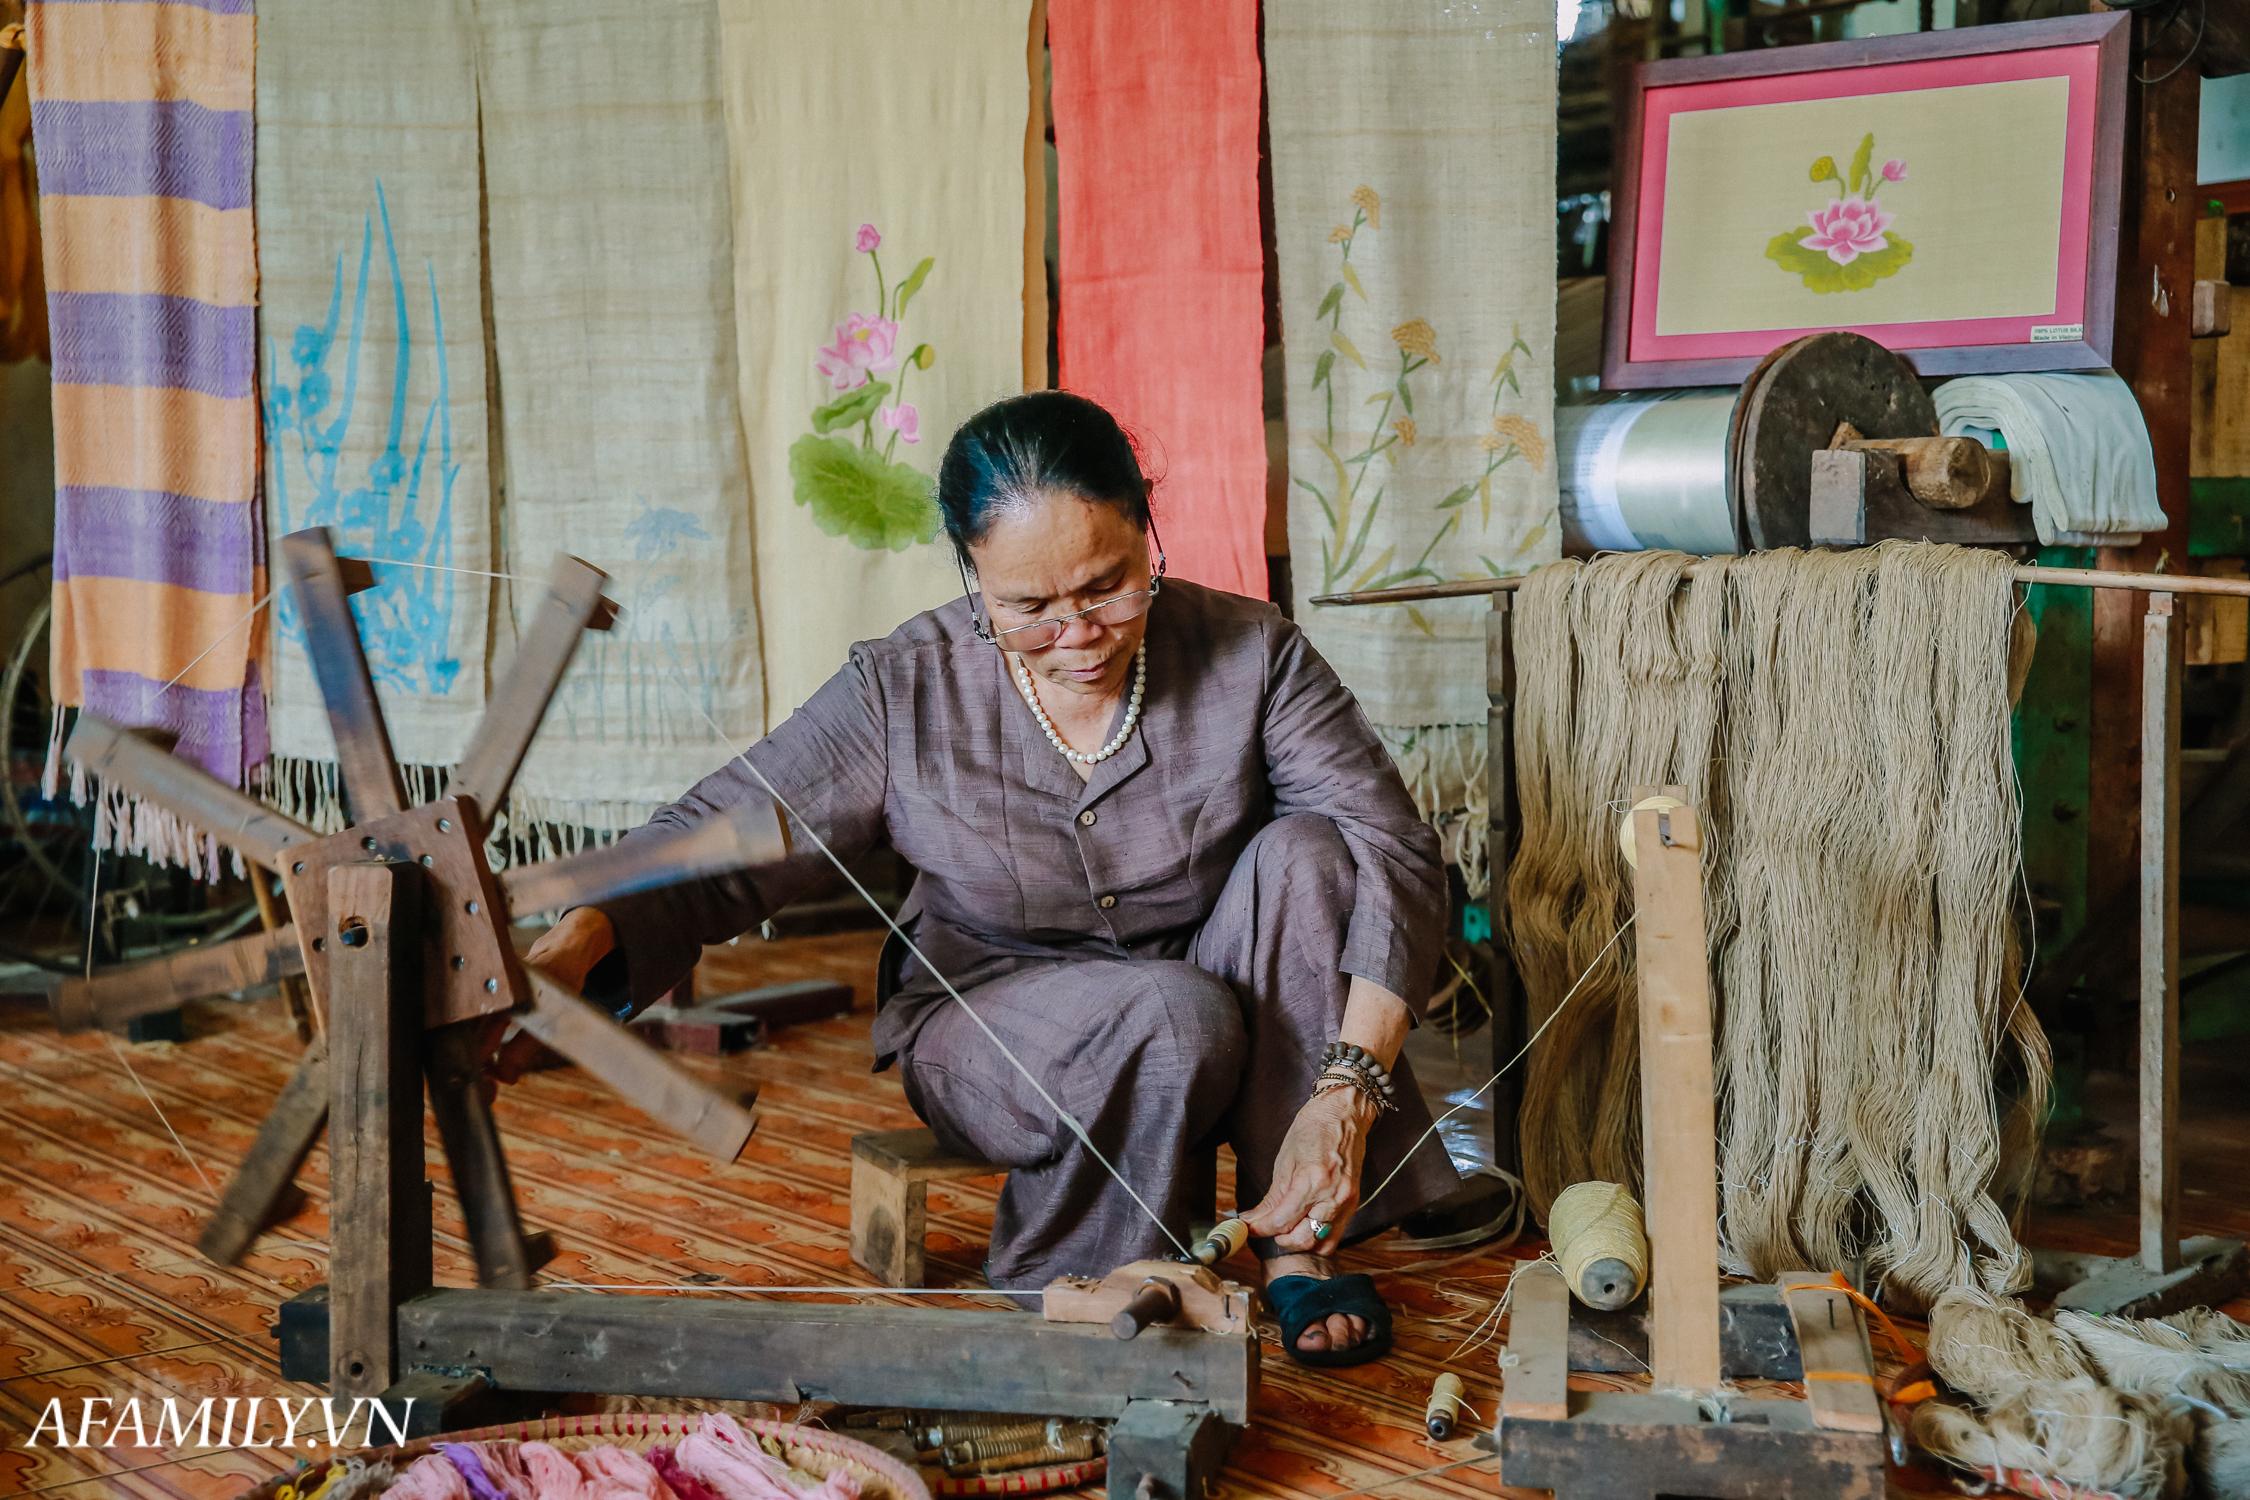 """Người phụ nữ chân quê ngoại thành Hà Nội với biệt tài """"bắt sen nhả tơ"""", làm nên chiếc khăn giá chẳng kém gì hàng hiệu nổi tiếng - Ảnh 8."""